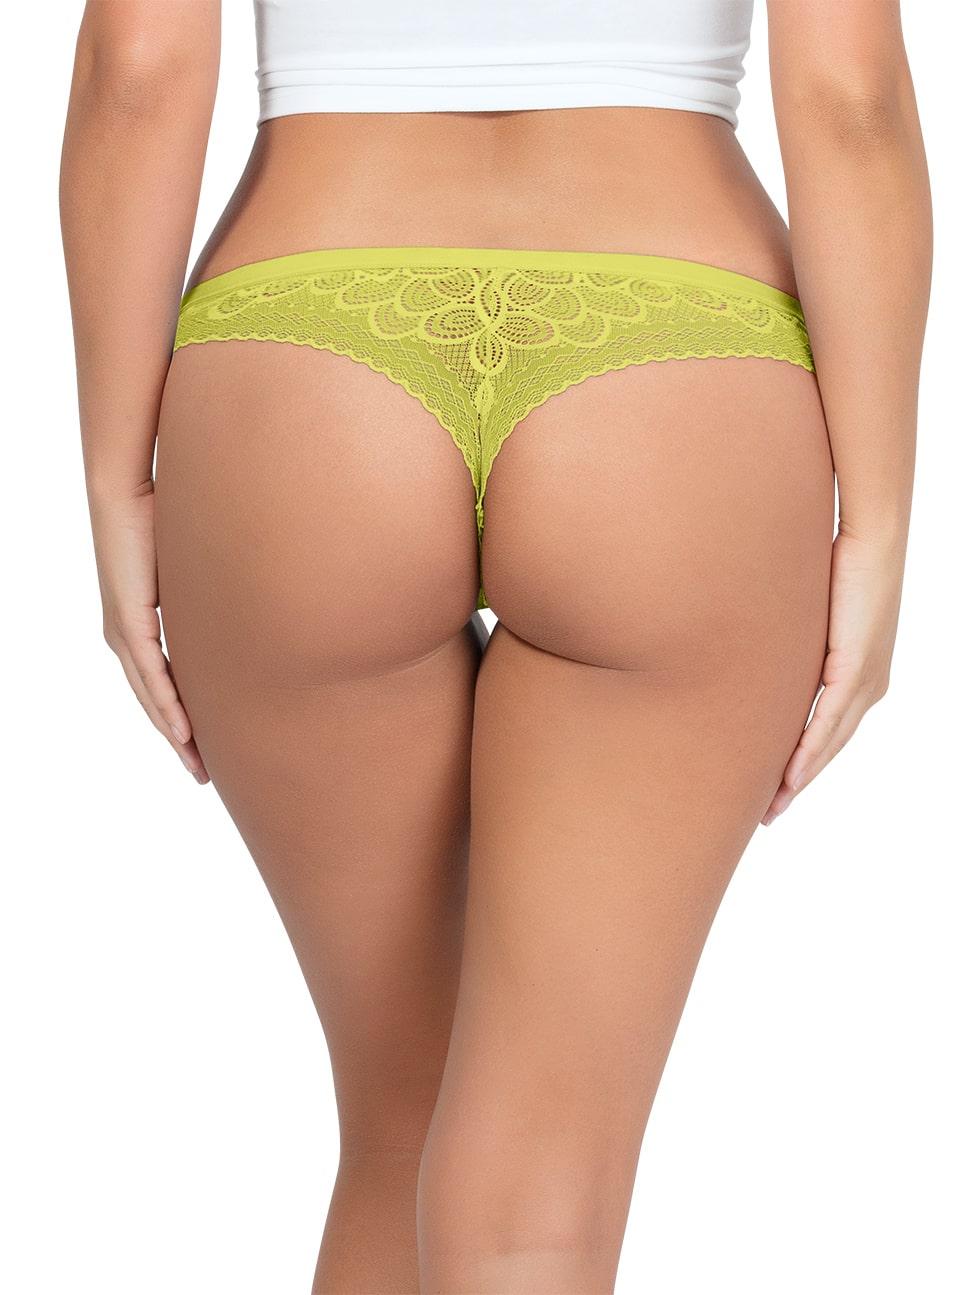 ParfaitPanty SoGlam ThongPP402 Lemonade Back - Panty So Glam Thong - Lemonade - PP402